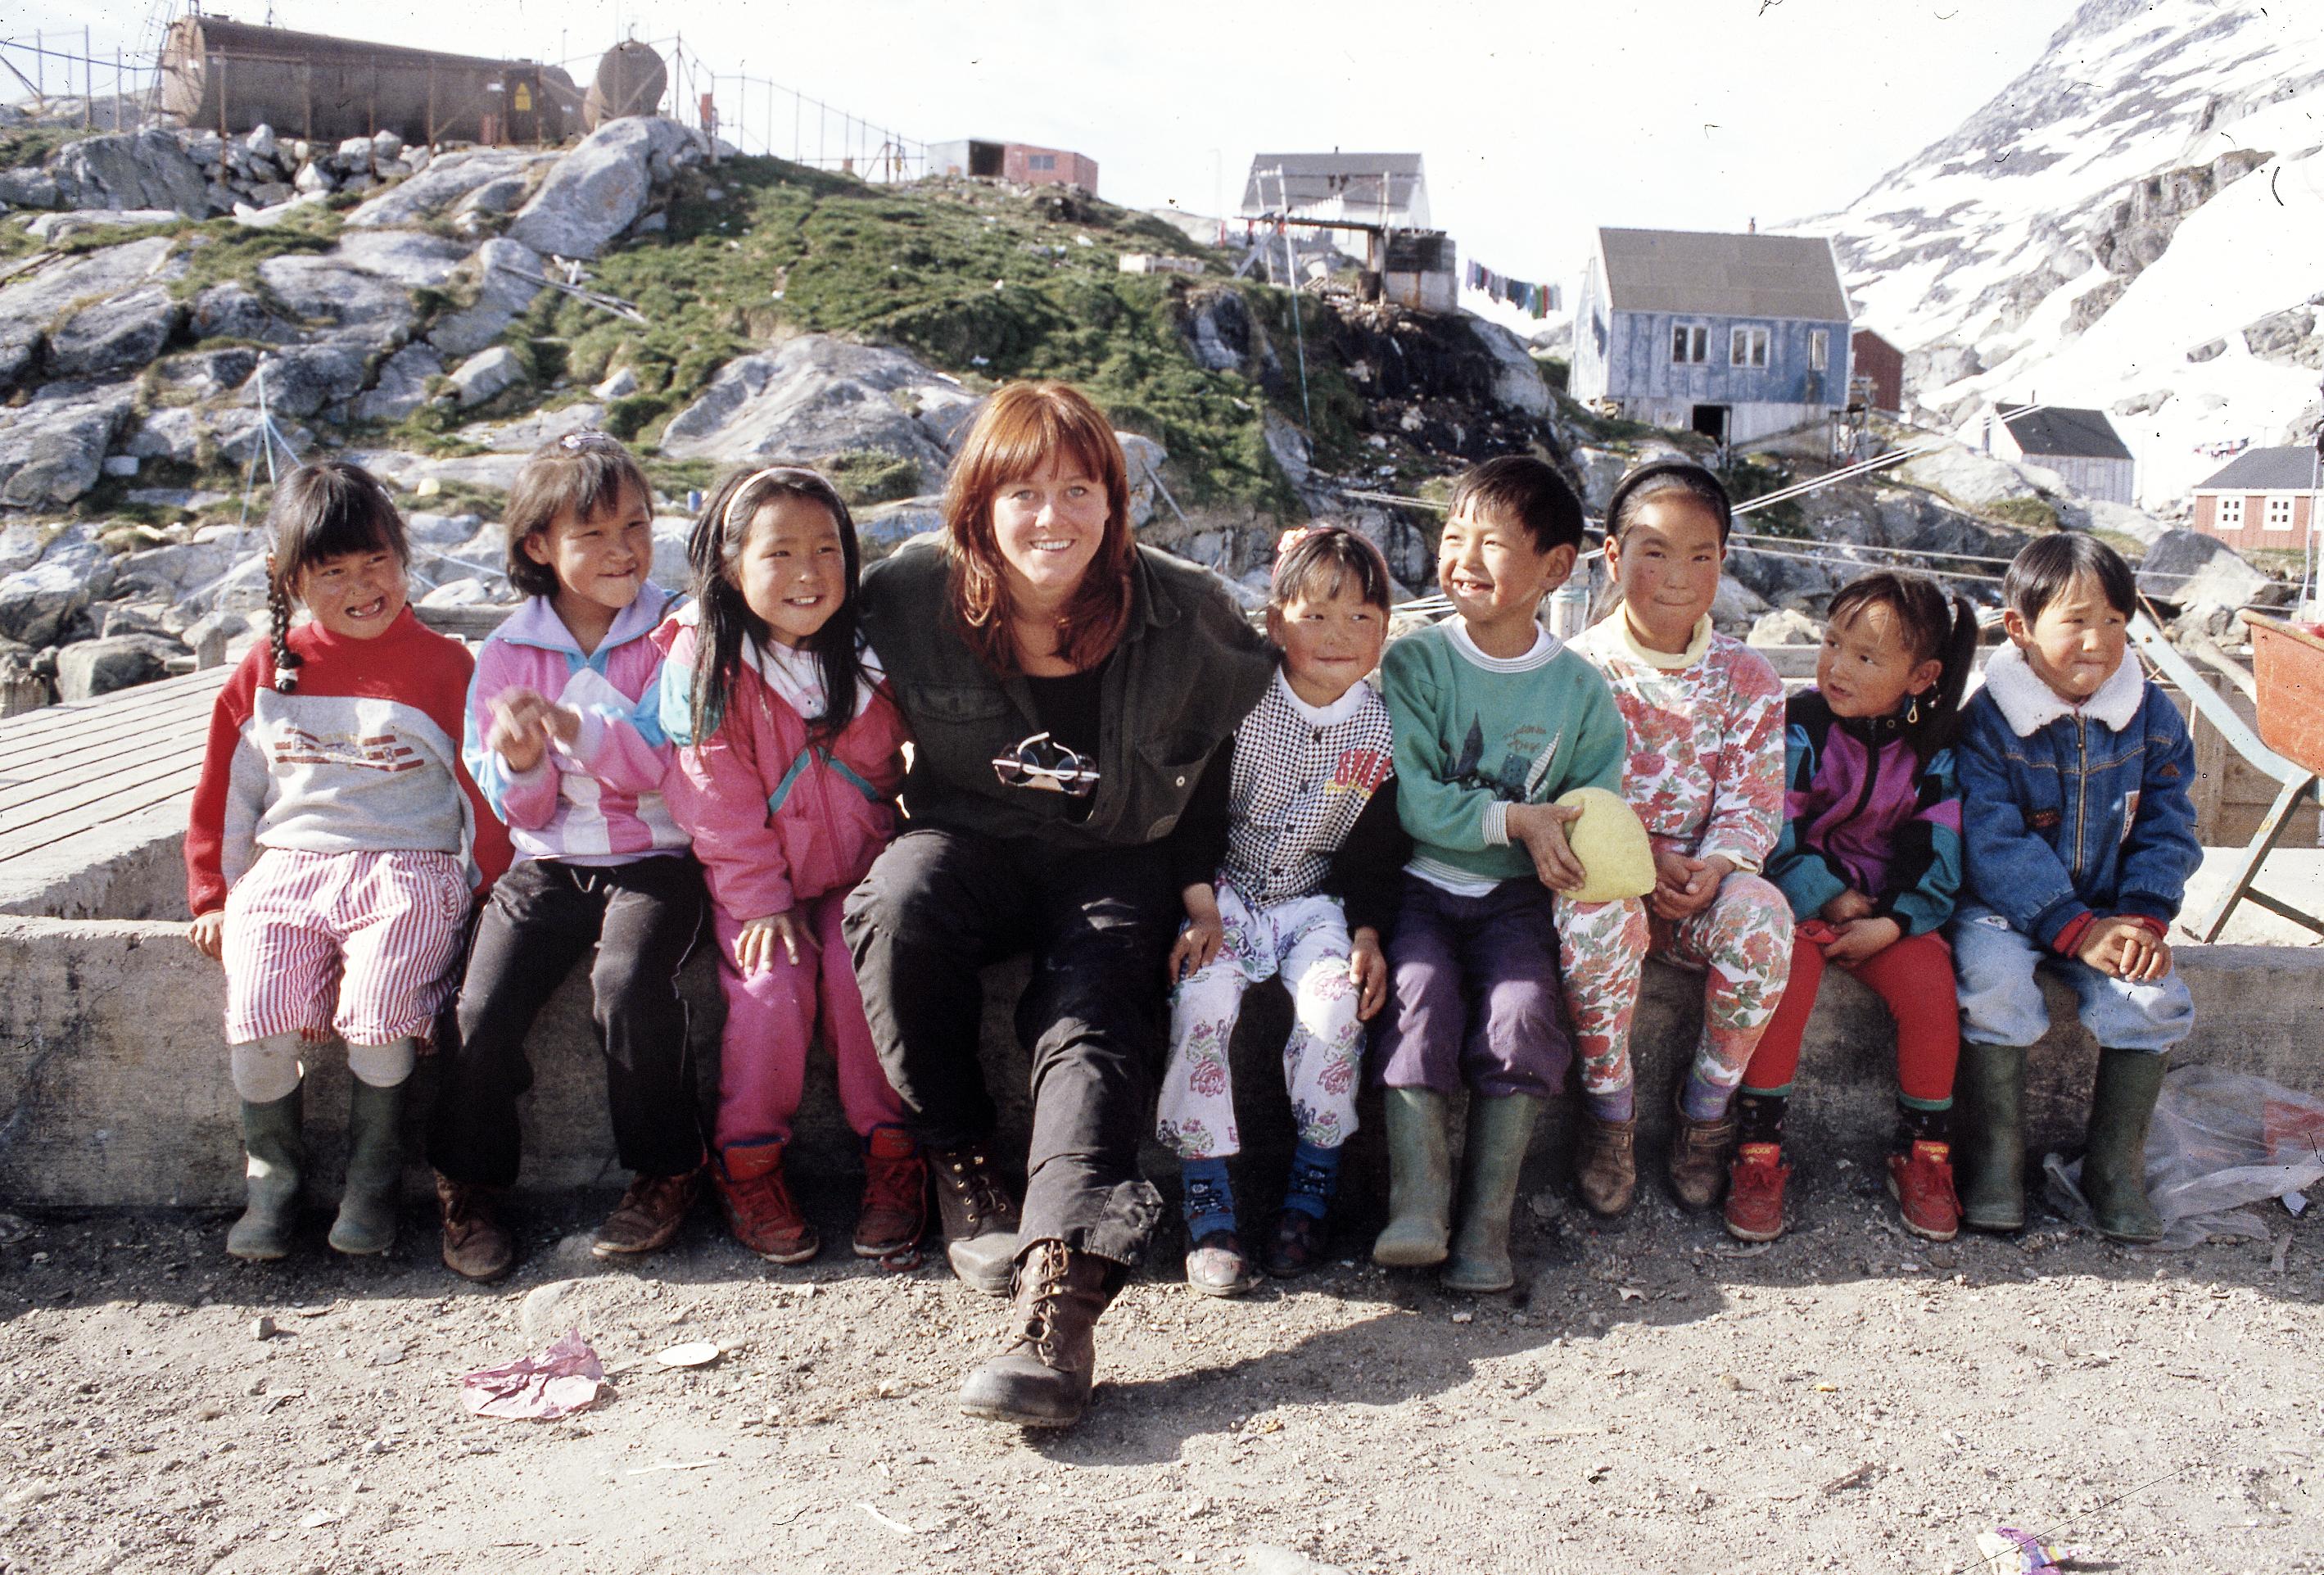 Children in Sermiligaaq village, Greenland 1993 with storyteller Malin Skinnar